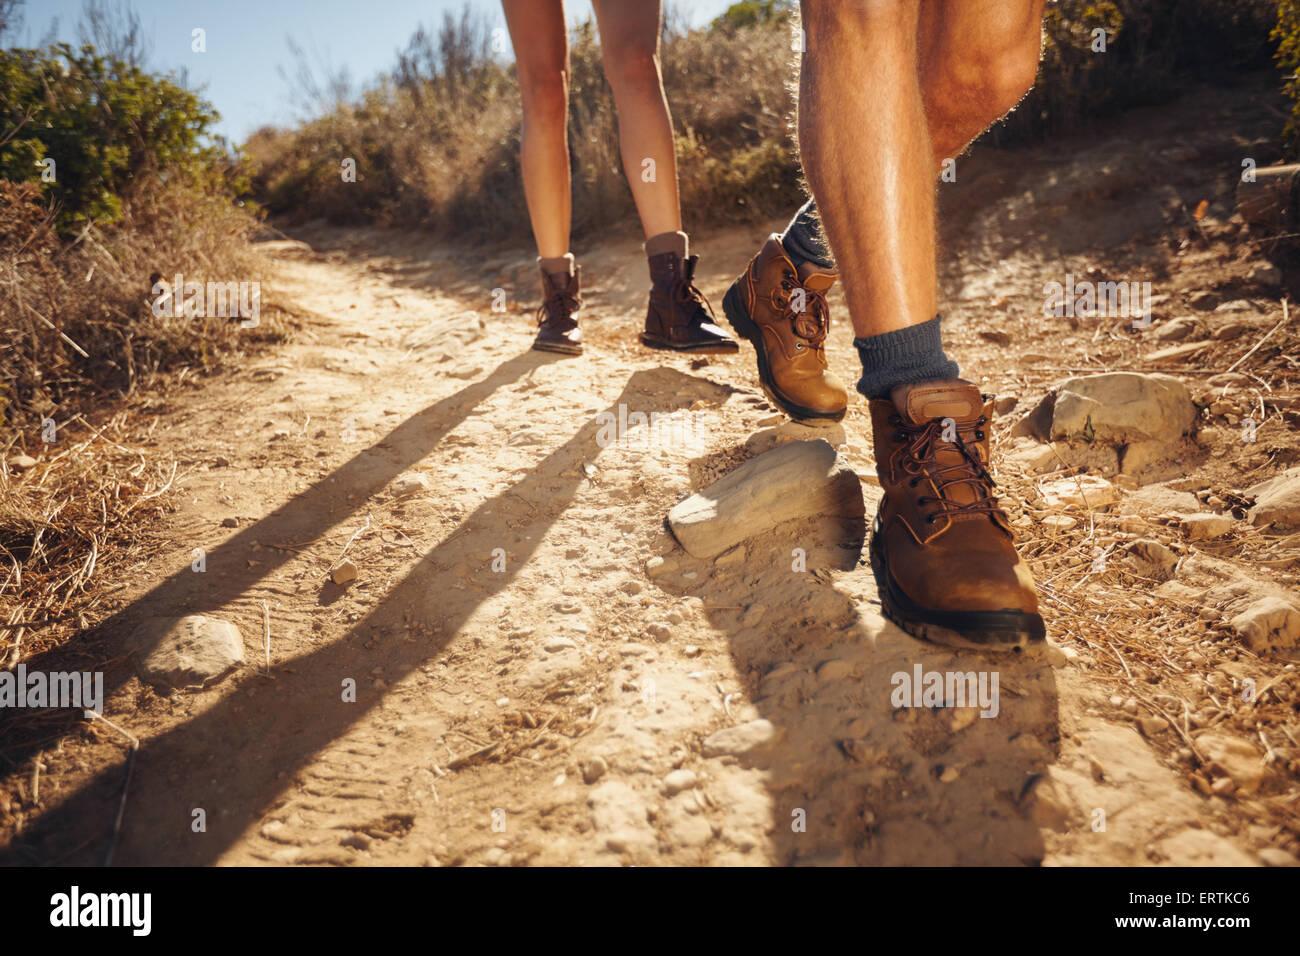 Close-up di gambe di giovani escursionisti a piedi sul percorso del paese. Coppia giovane trail veglia. Focus su Immagini Stock